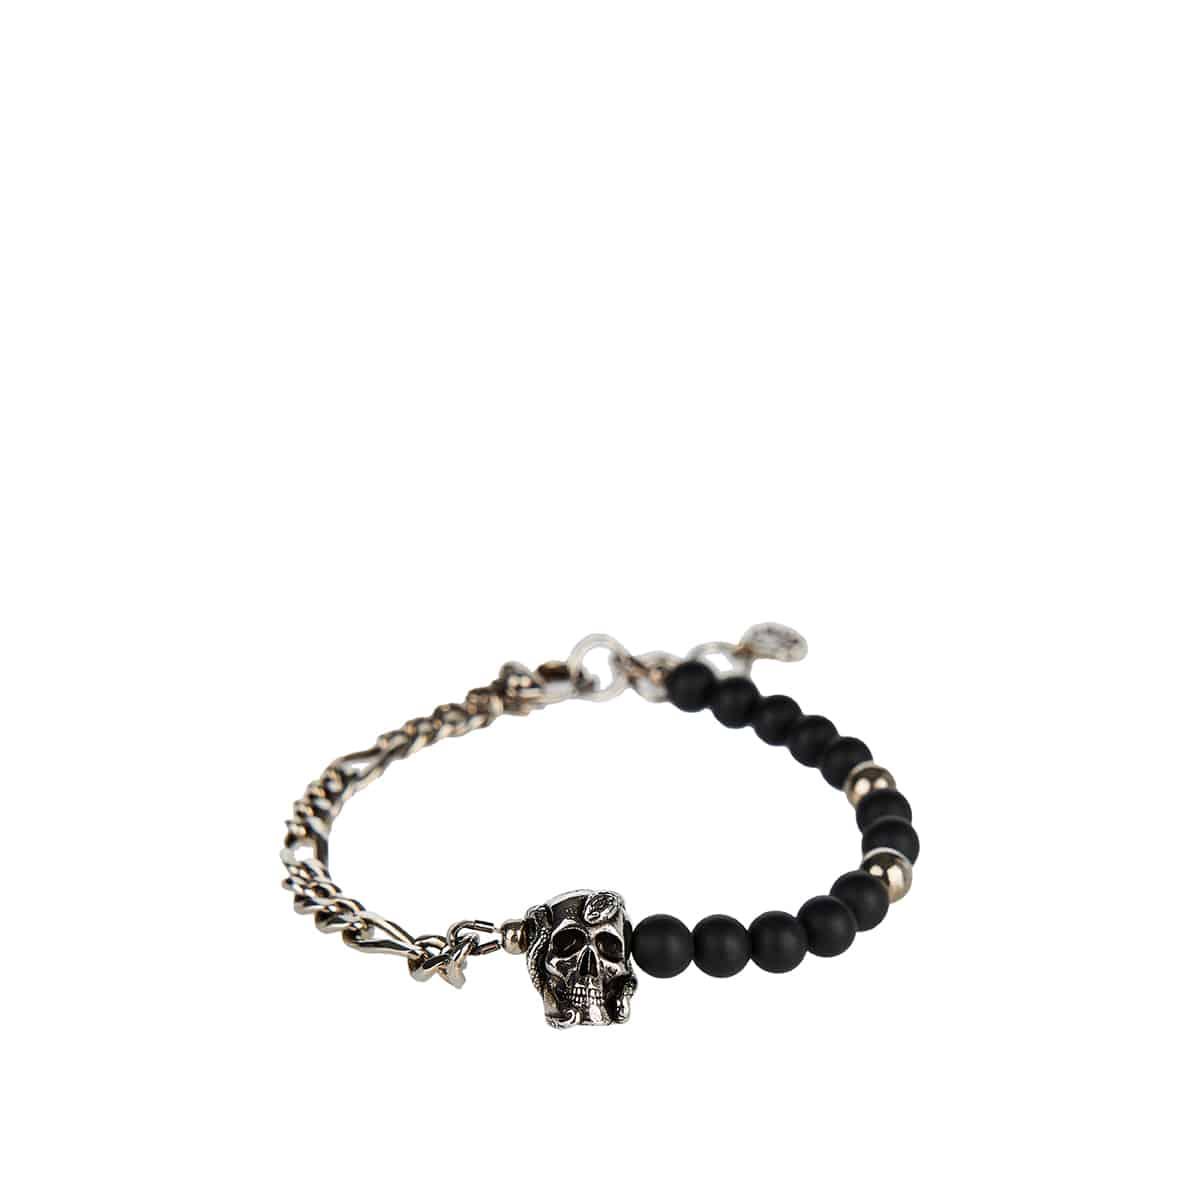 Beads chain skull bracelet